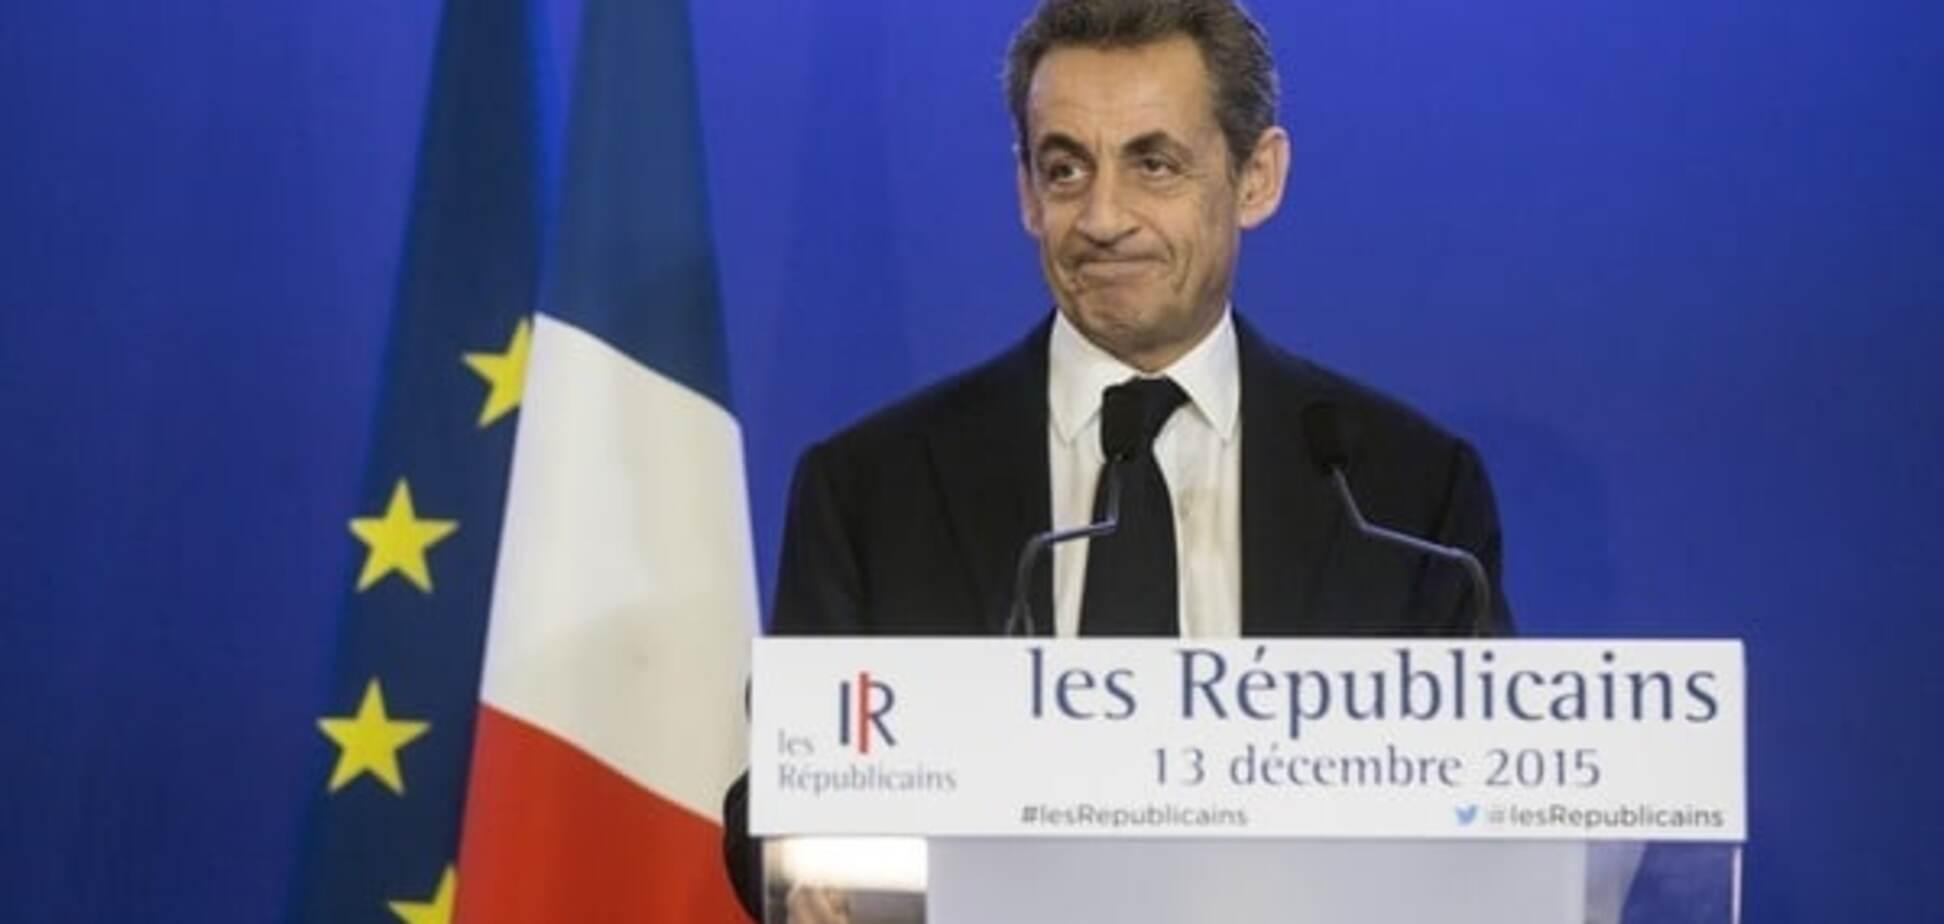 Не Ле Пен, так Саркози: региональные выборы во Франции выигрывают поклонники Путина